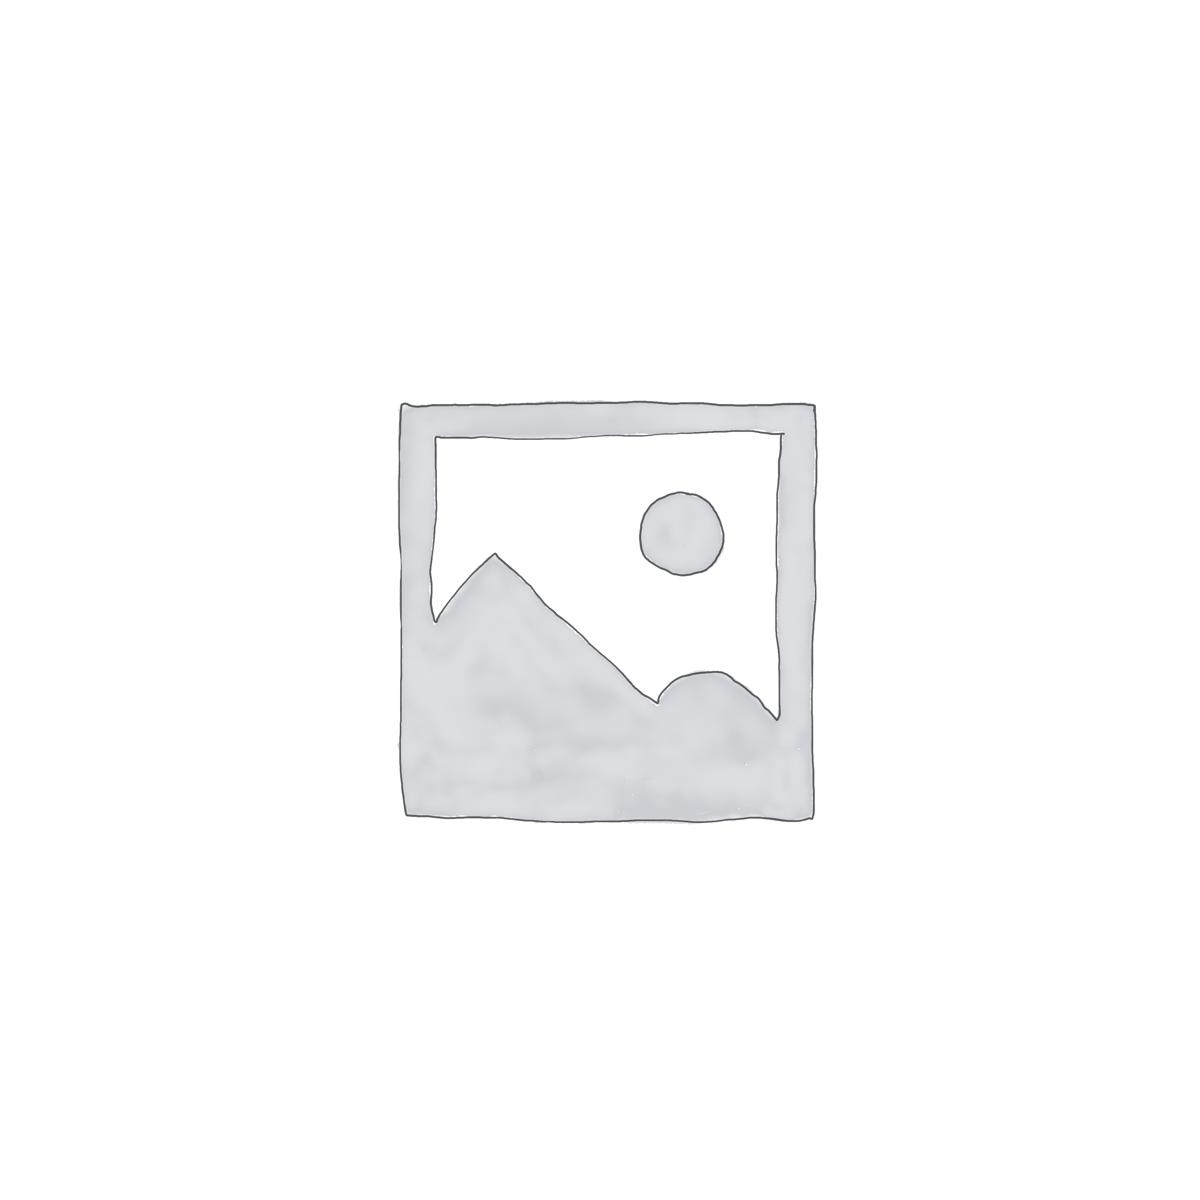 رله ۱۱ پایه ۳ کنتاکت ۲۴VDC , 10A کد ۵۵٫۳۳٫۹٫۰۲۴٫۰۰۹۰ finder ایتالیا